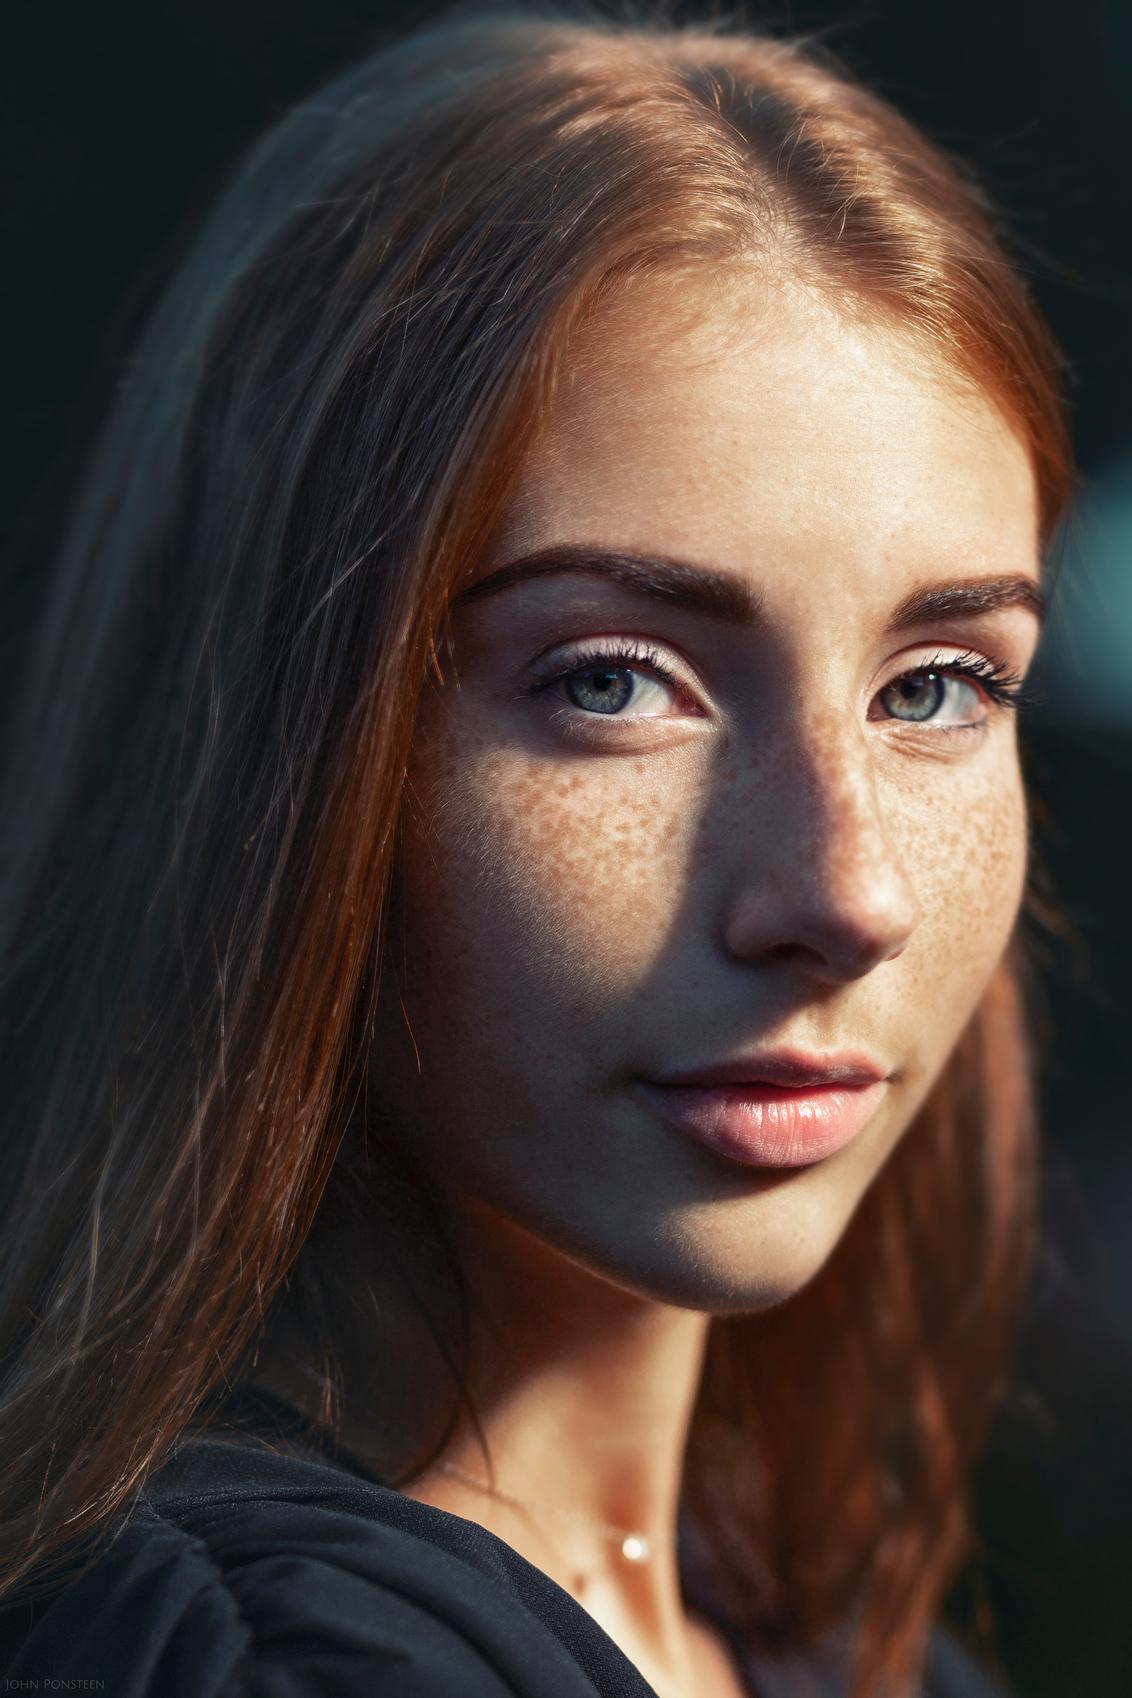 Dani - - - foto door Etsie op 08-08-2020 - deze foto bevat: licht, portret, schaduw, model, ogen, haar, meisje, blik, studio, puur, fotoshoot, sereen, flitser, indringend, sproeten, ginger, strobist, fine art